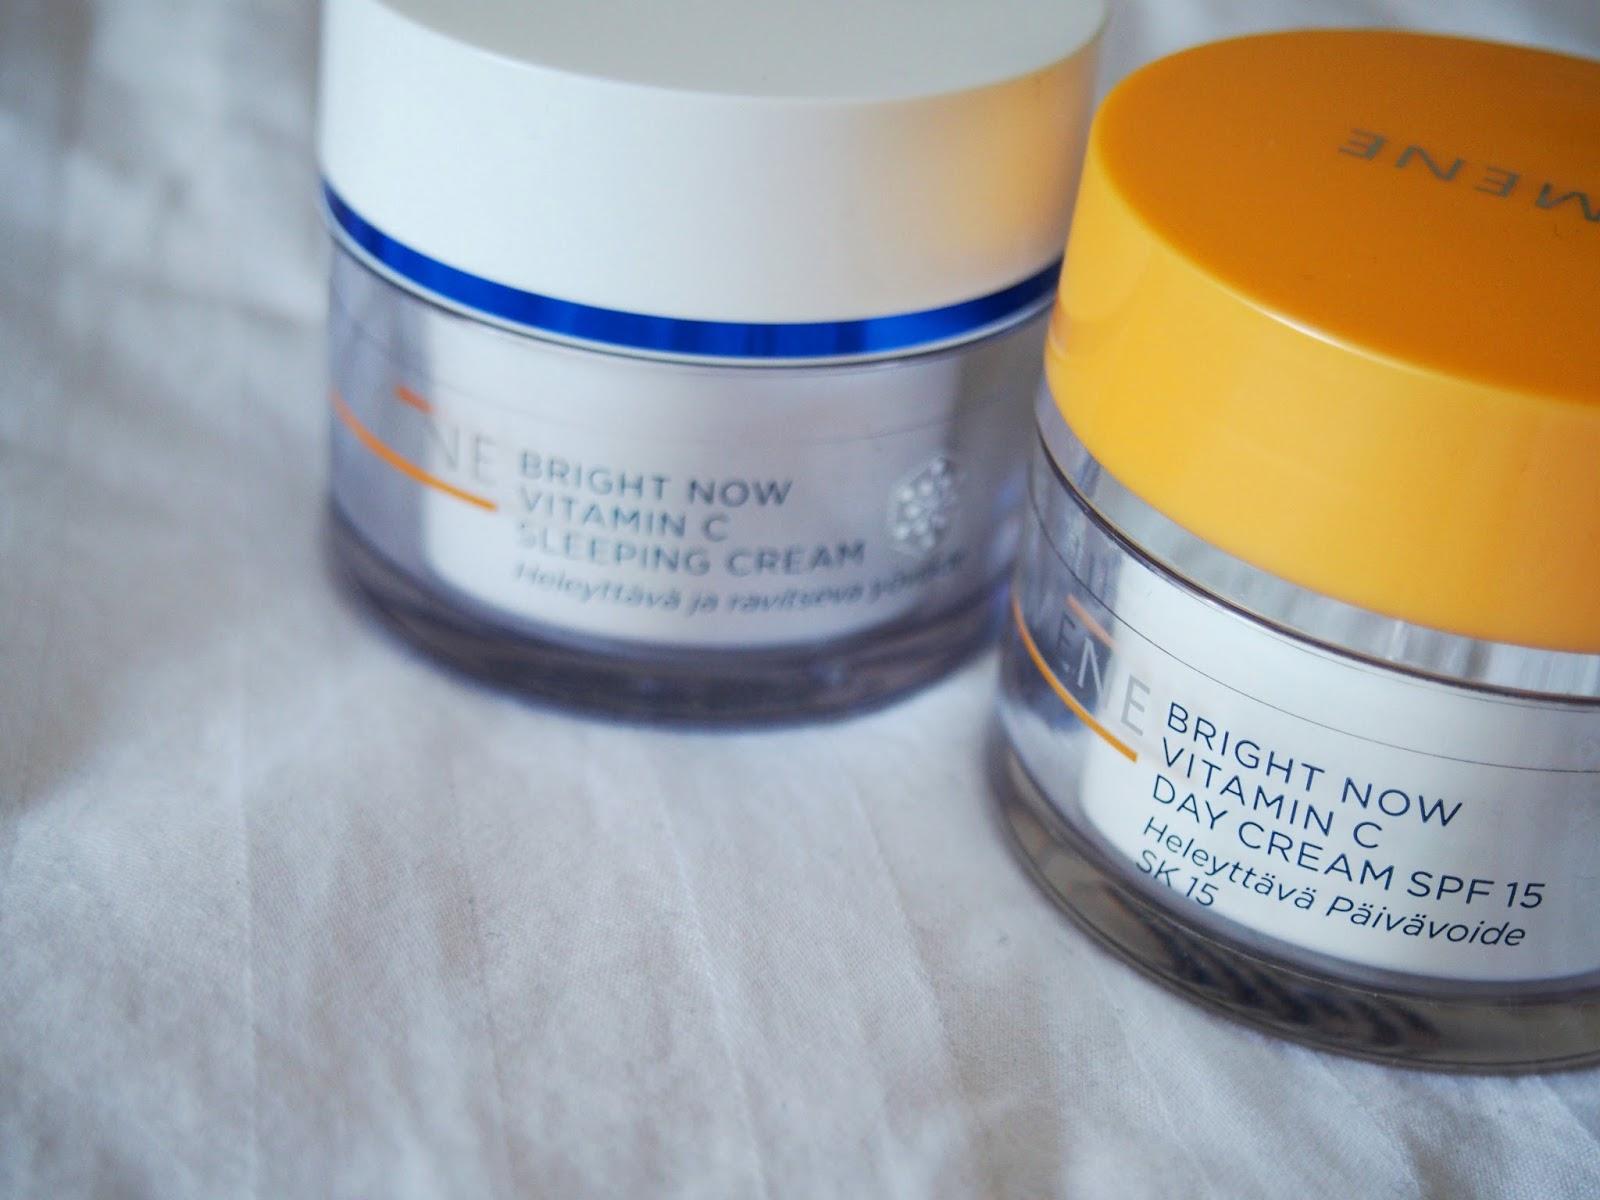 Lumene, Bright now, vitamin c day cream, night cream, vitamiini, c-vitamiini, päivävöide, yövoide, kosteuttava, suojakerroin, aurinkosuoja, spf, 15, hoitava, moisturizer, moisturizing